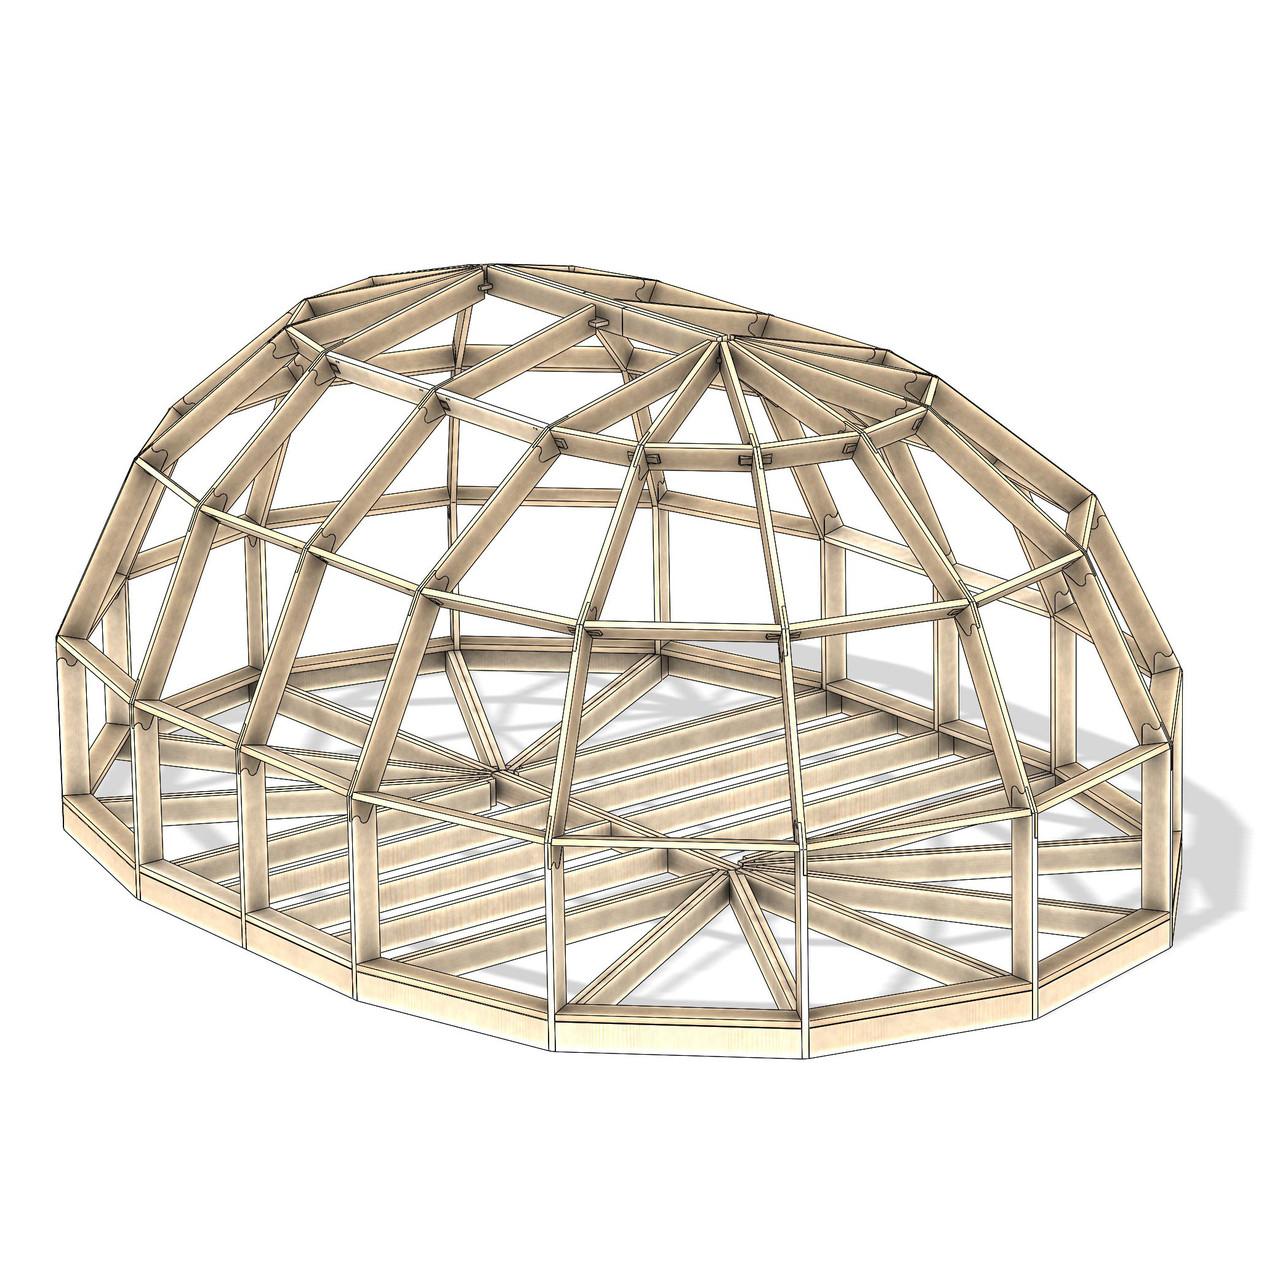 Dome allongé de 39.6 M² 04